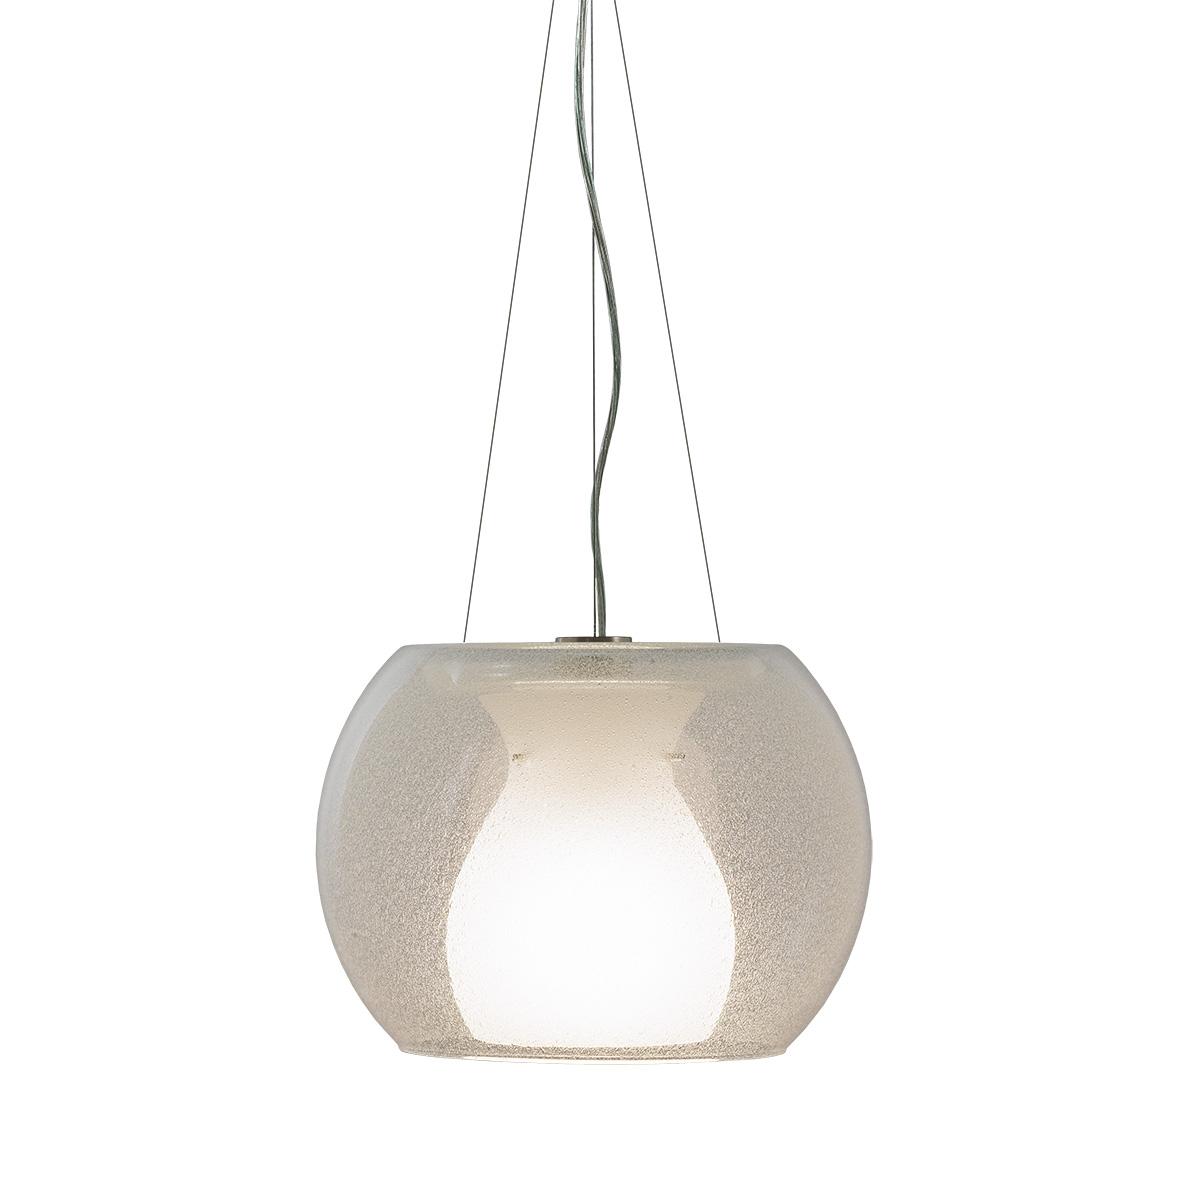 Μοντέρνο μονόφωτο Μουράνο NEVE modern Murano suspension lamp